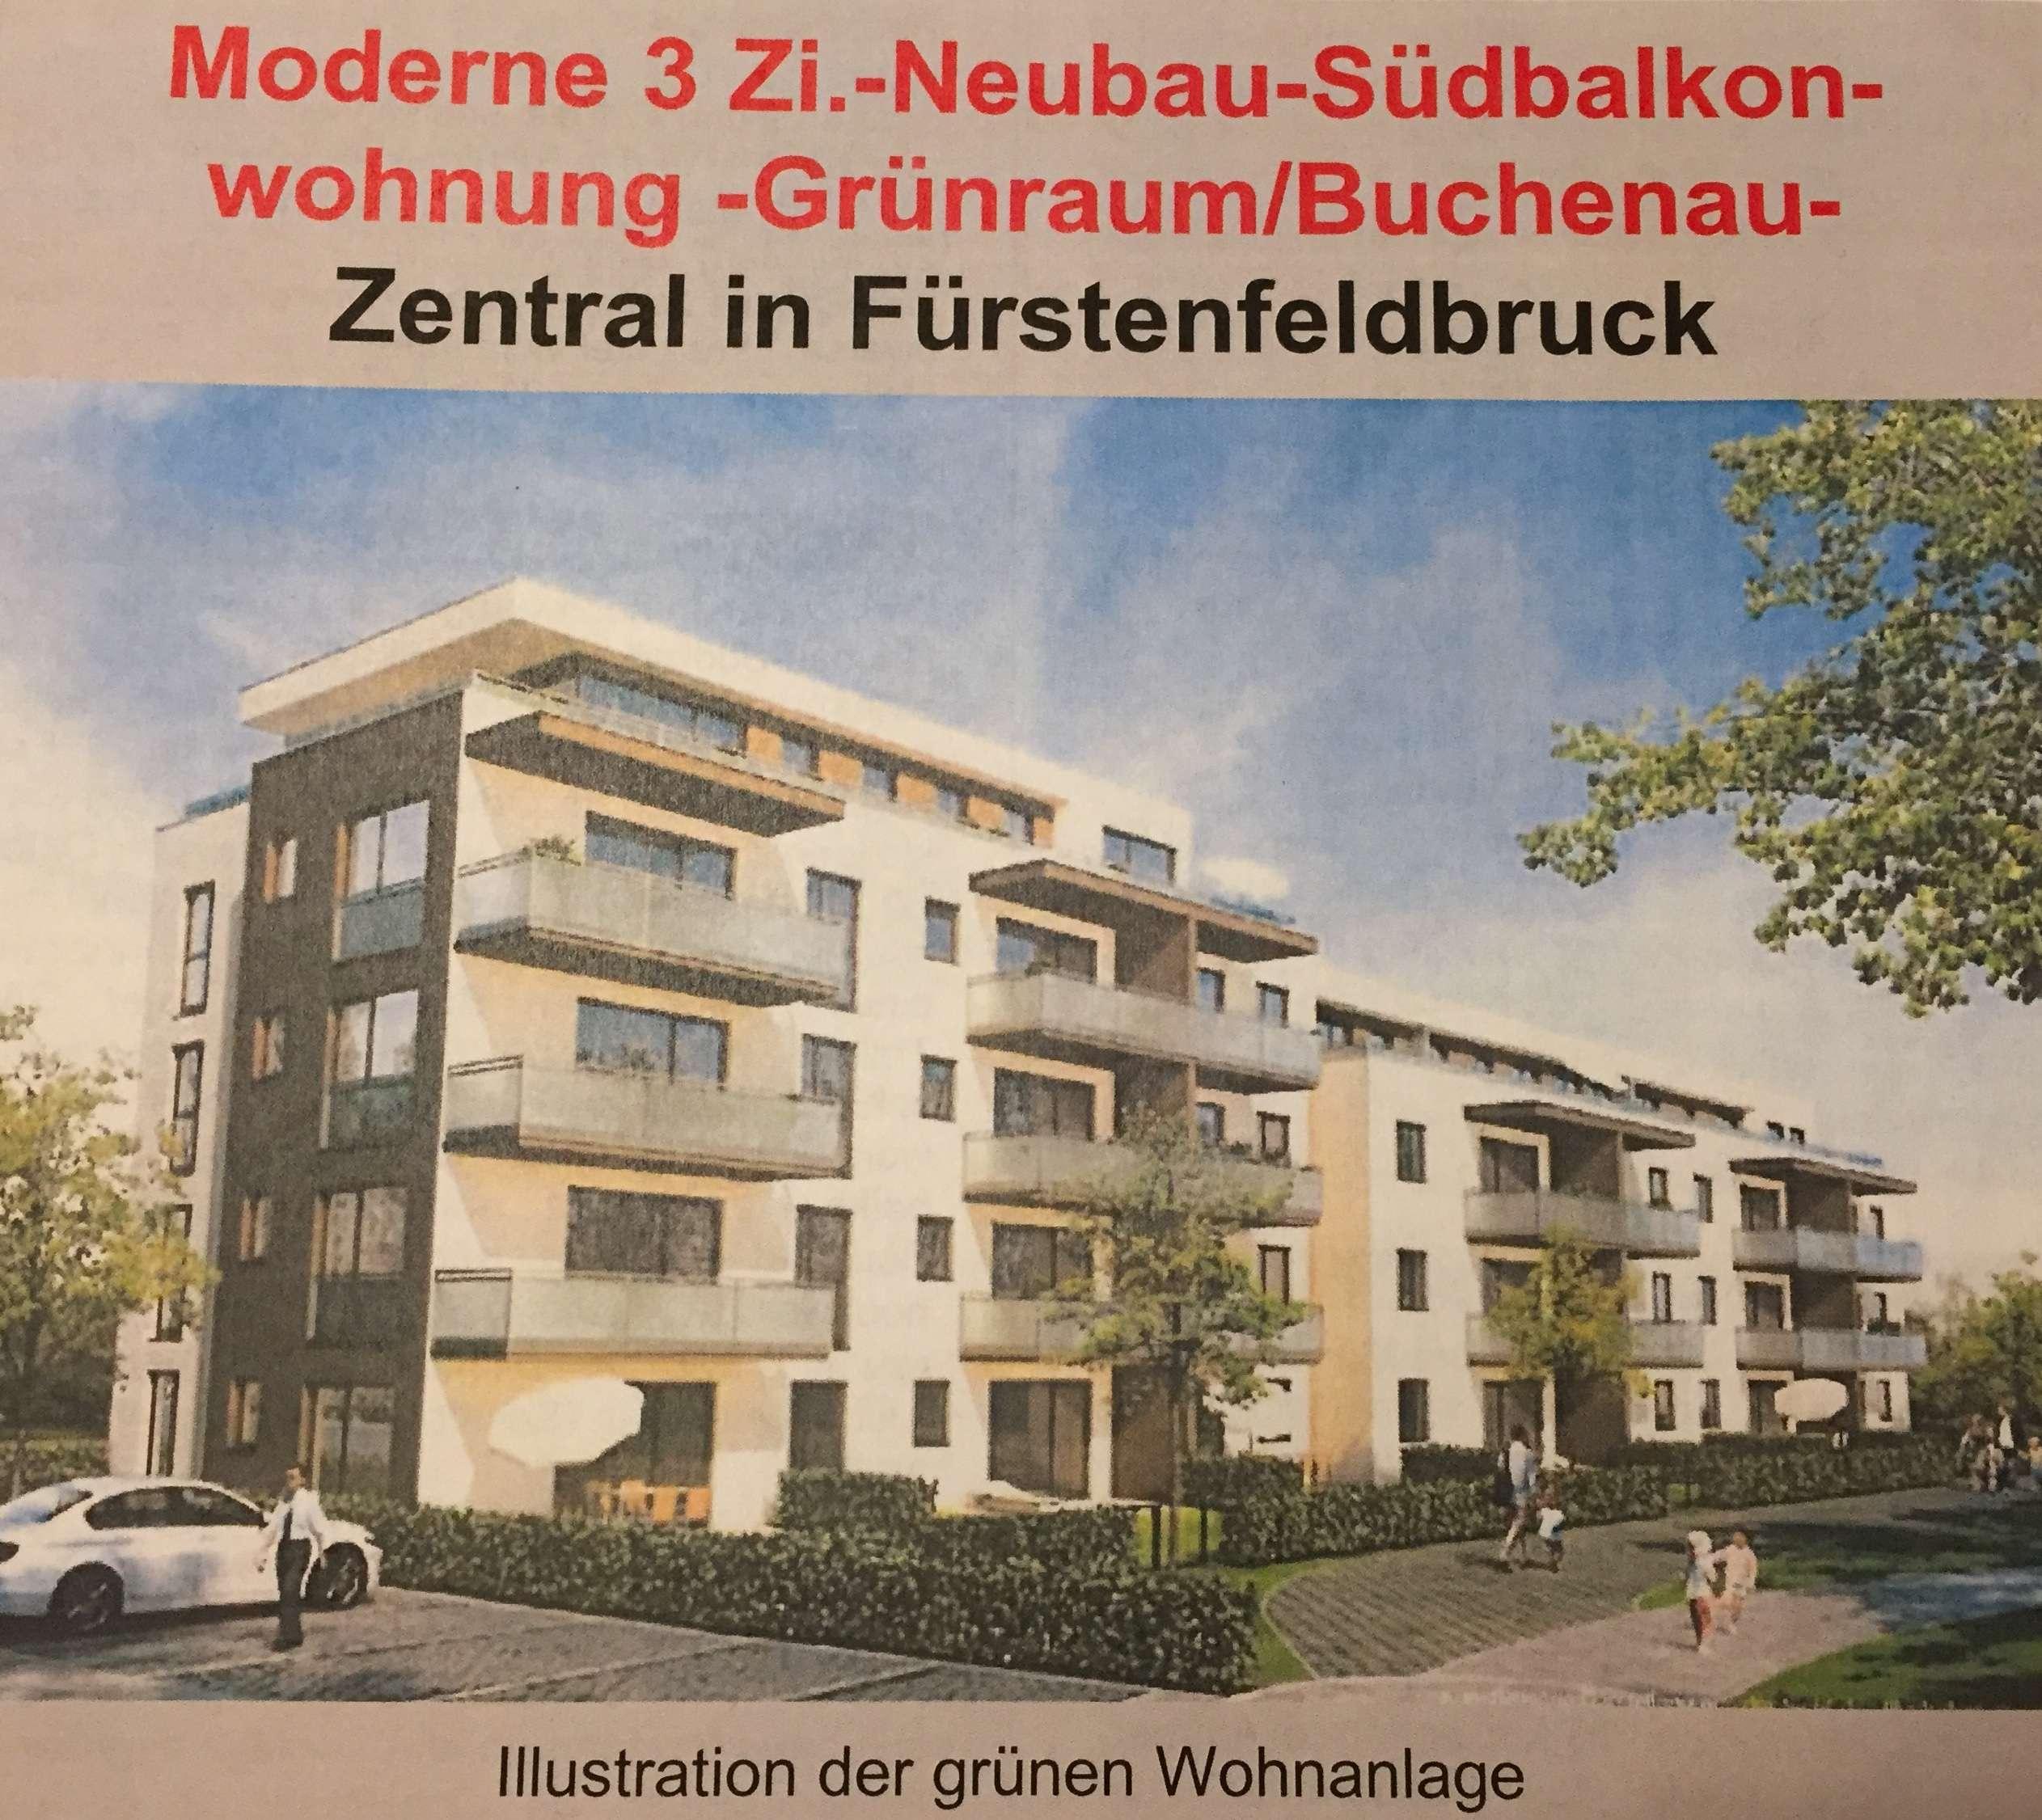 Stilvolle, neuwertige 3-Zimmer-Wohnung mit Balkon und EBK in Fürstenfeldbruck in